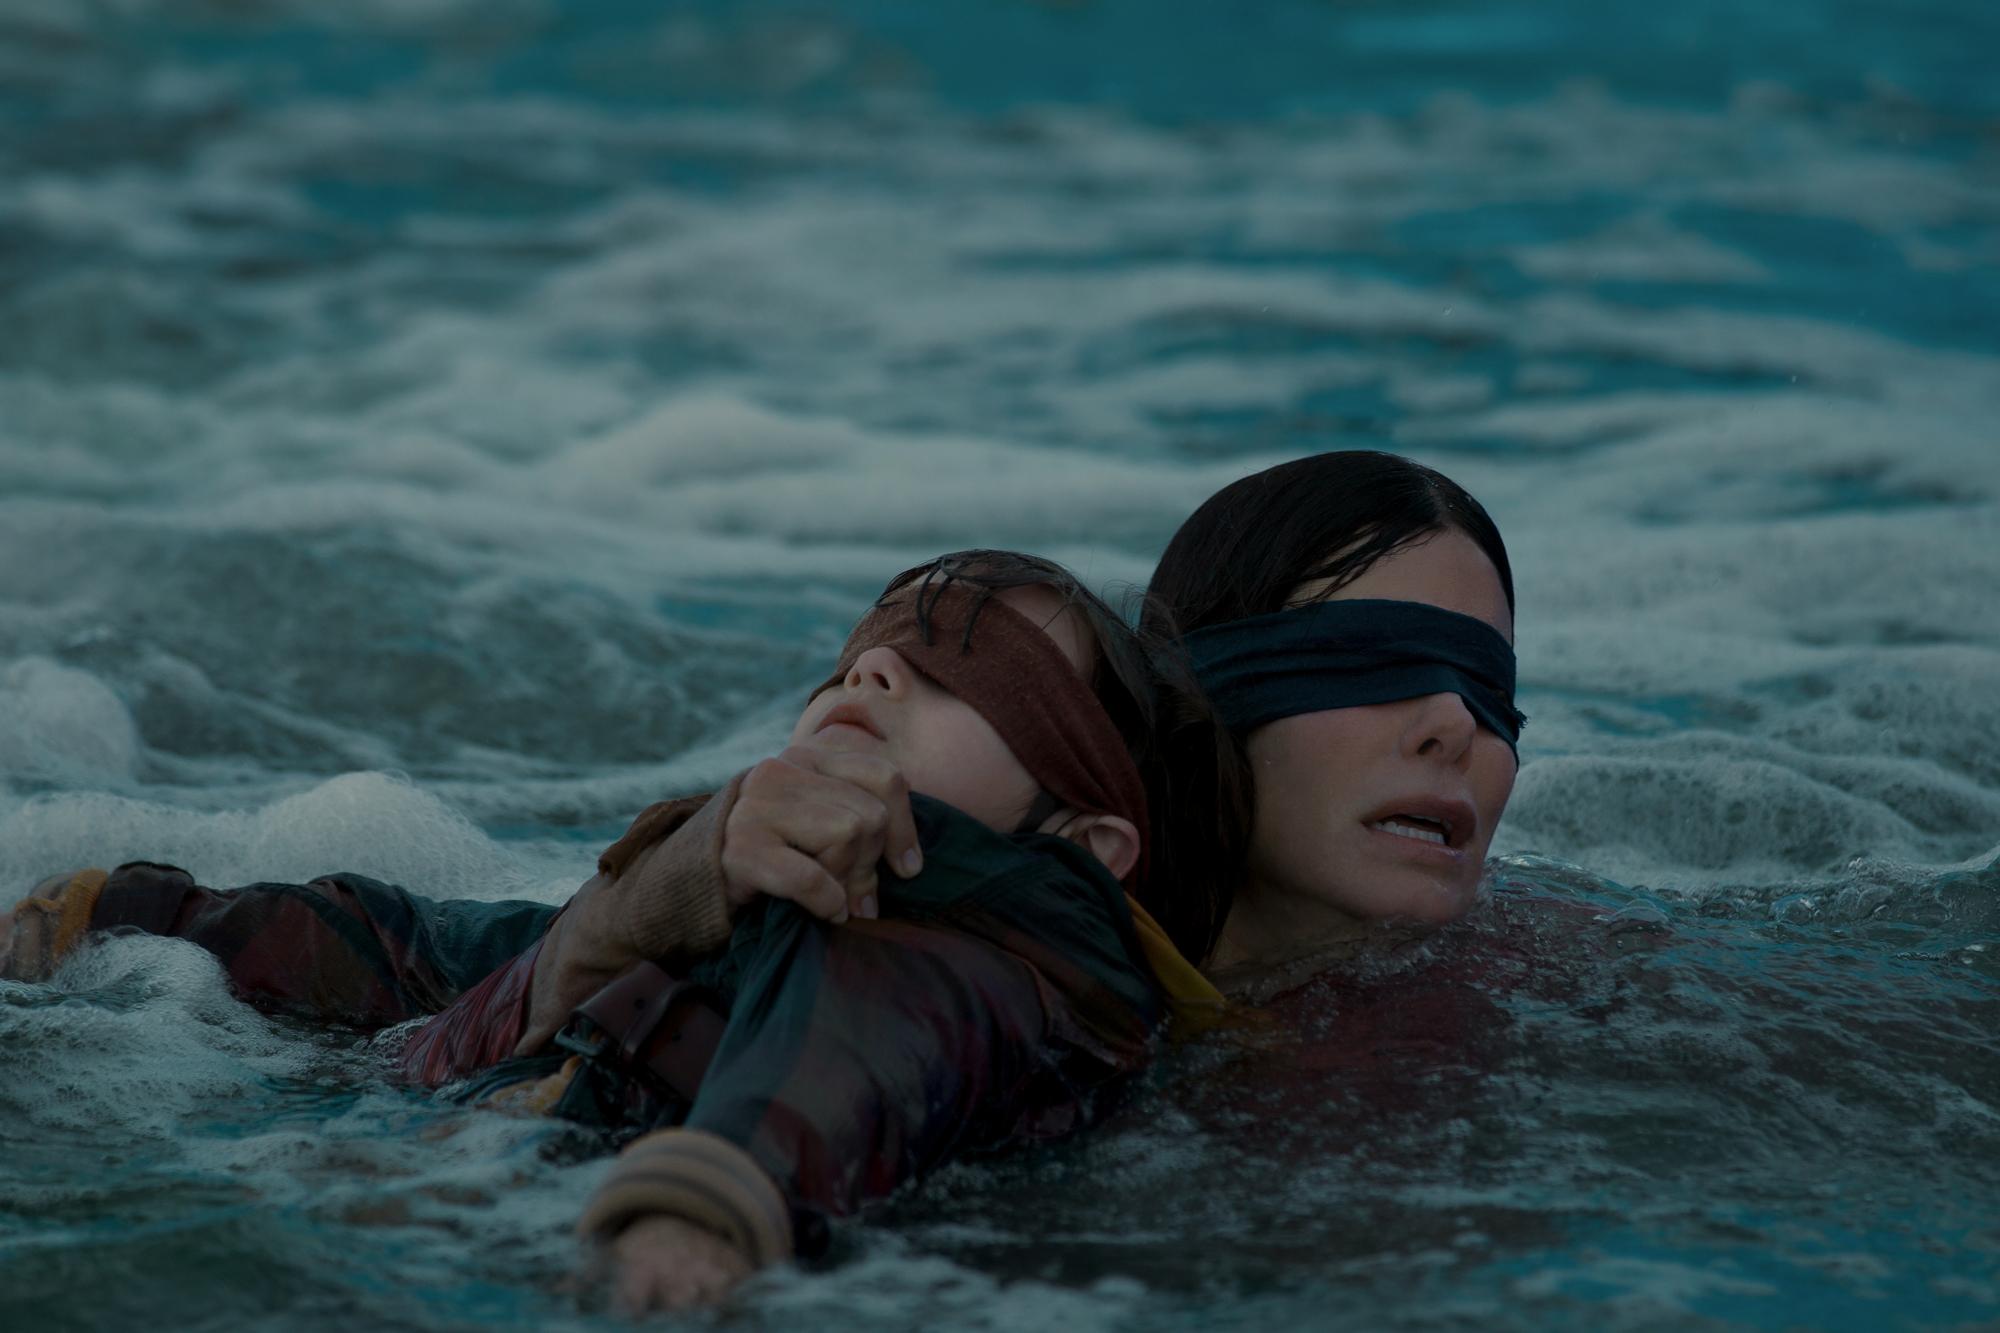 '버드박스', '옥자', '라이프 오브 파이'는 넷플릭스에서 볼 수 있다.